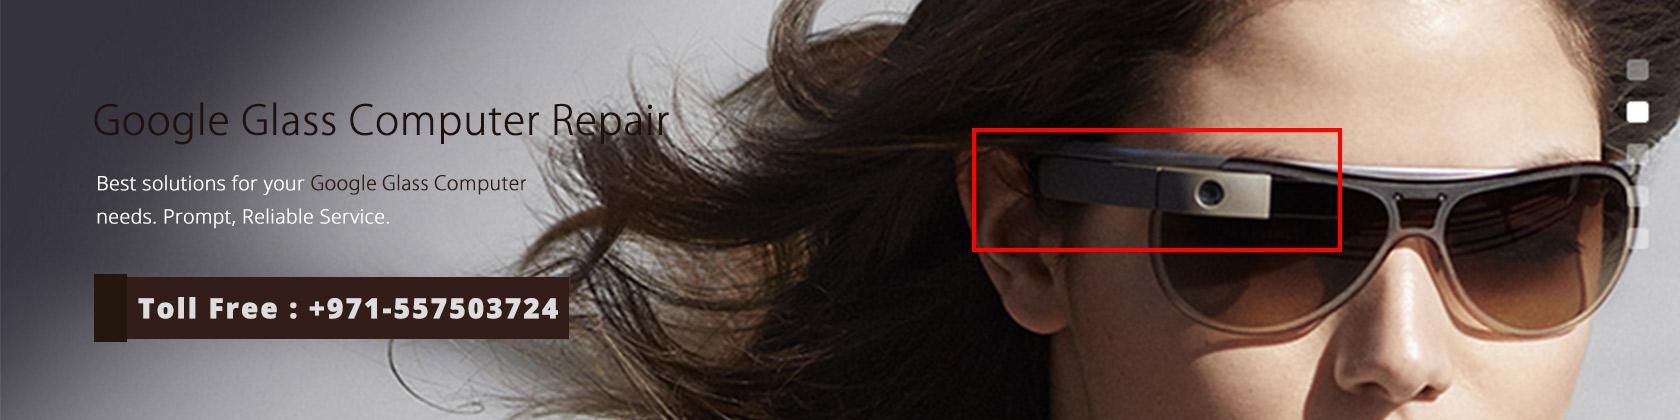 Google Glass Computer Repair